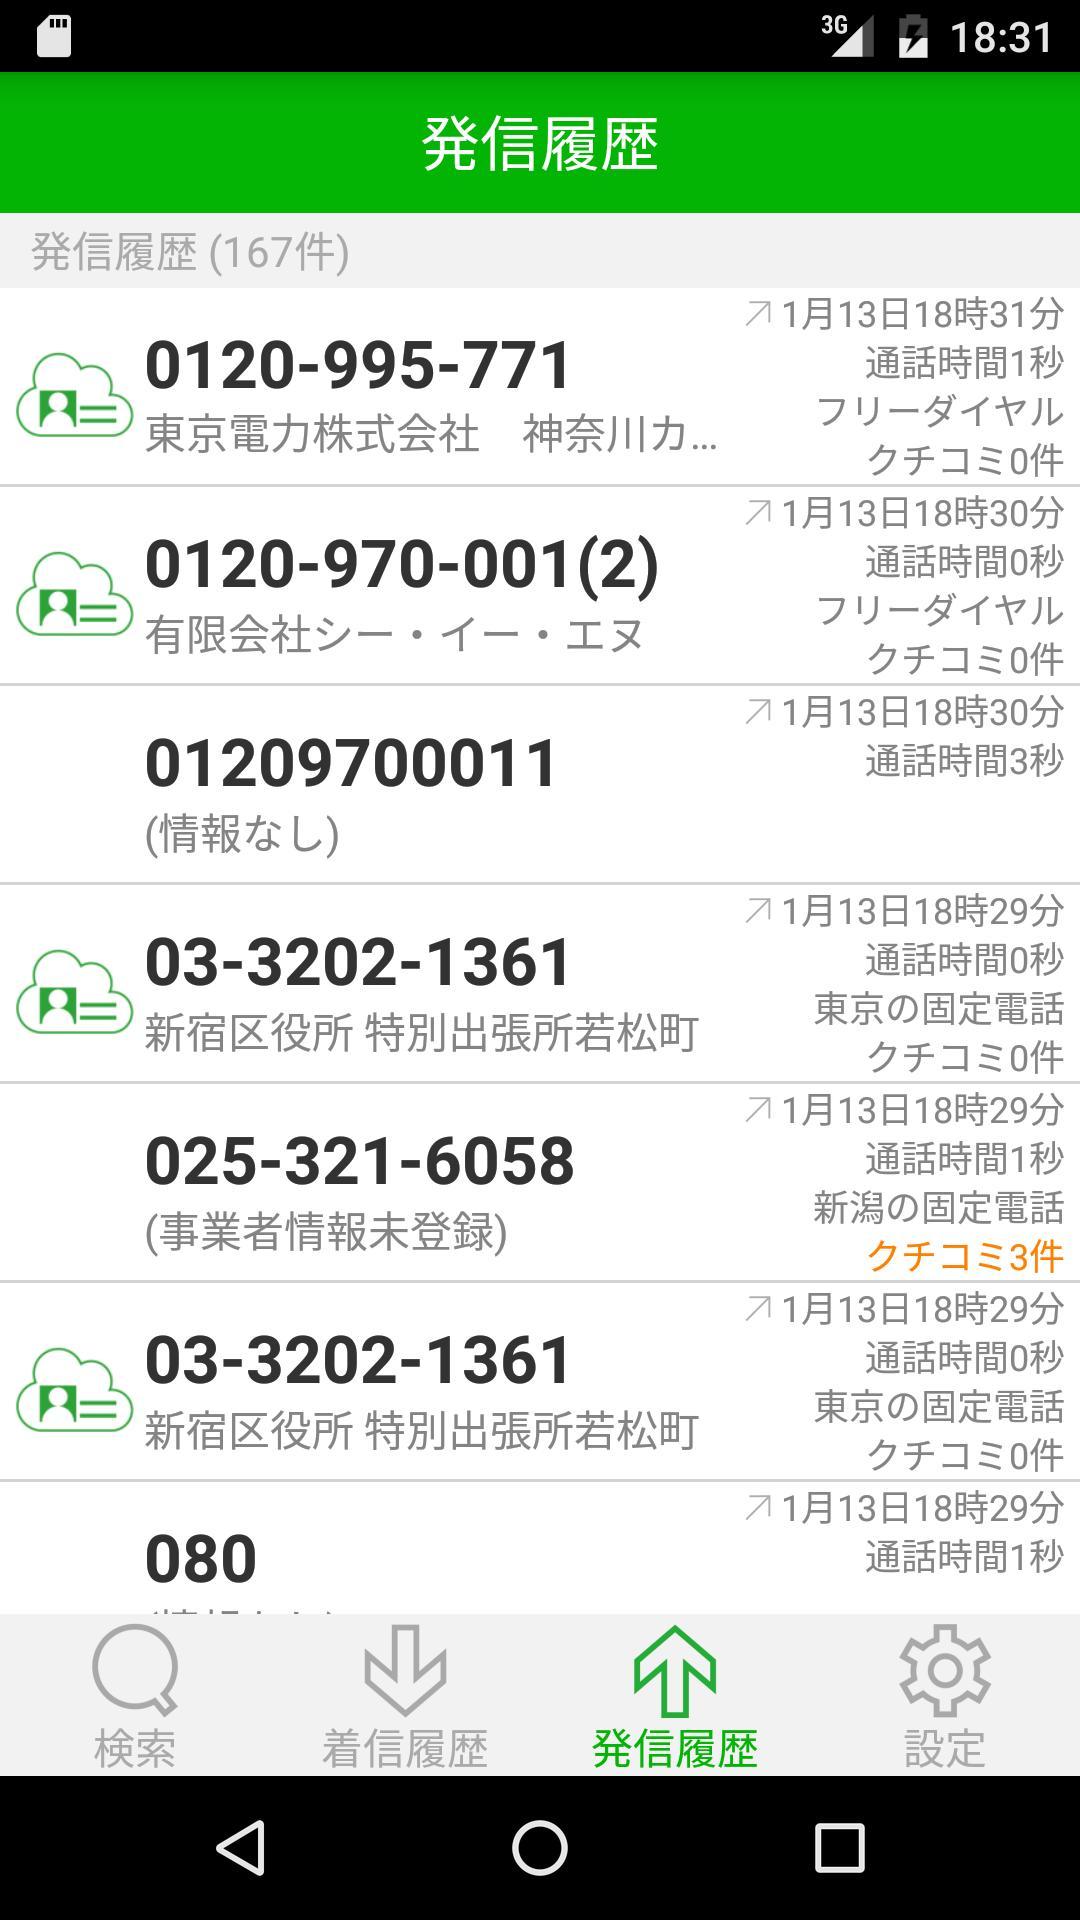 電話 番号 検索 0800